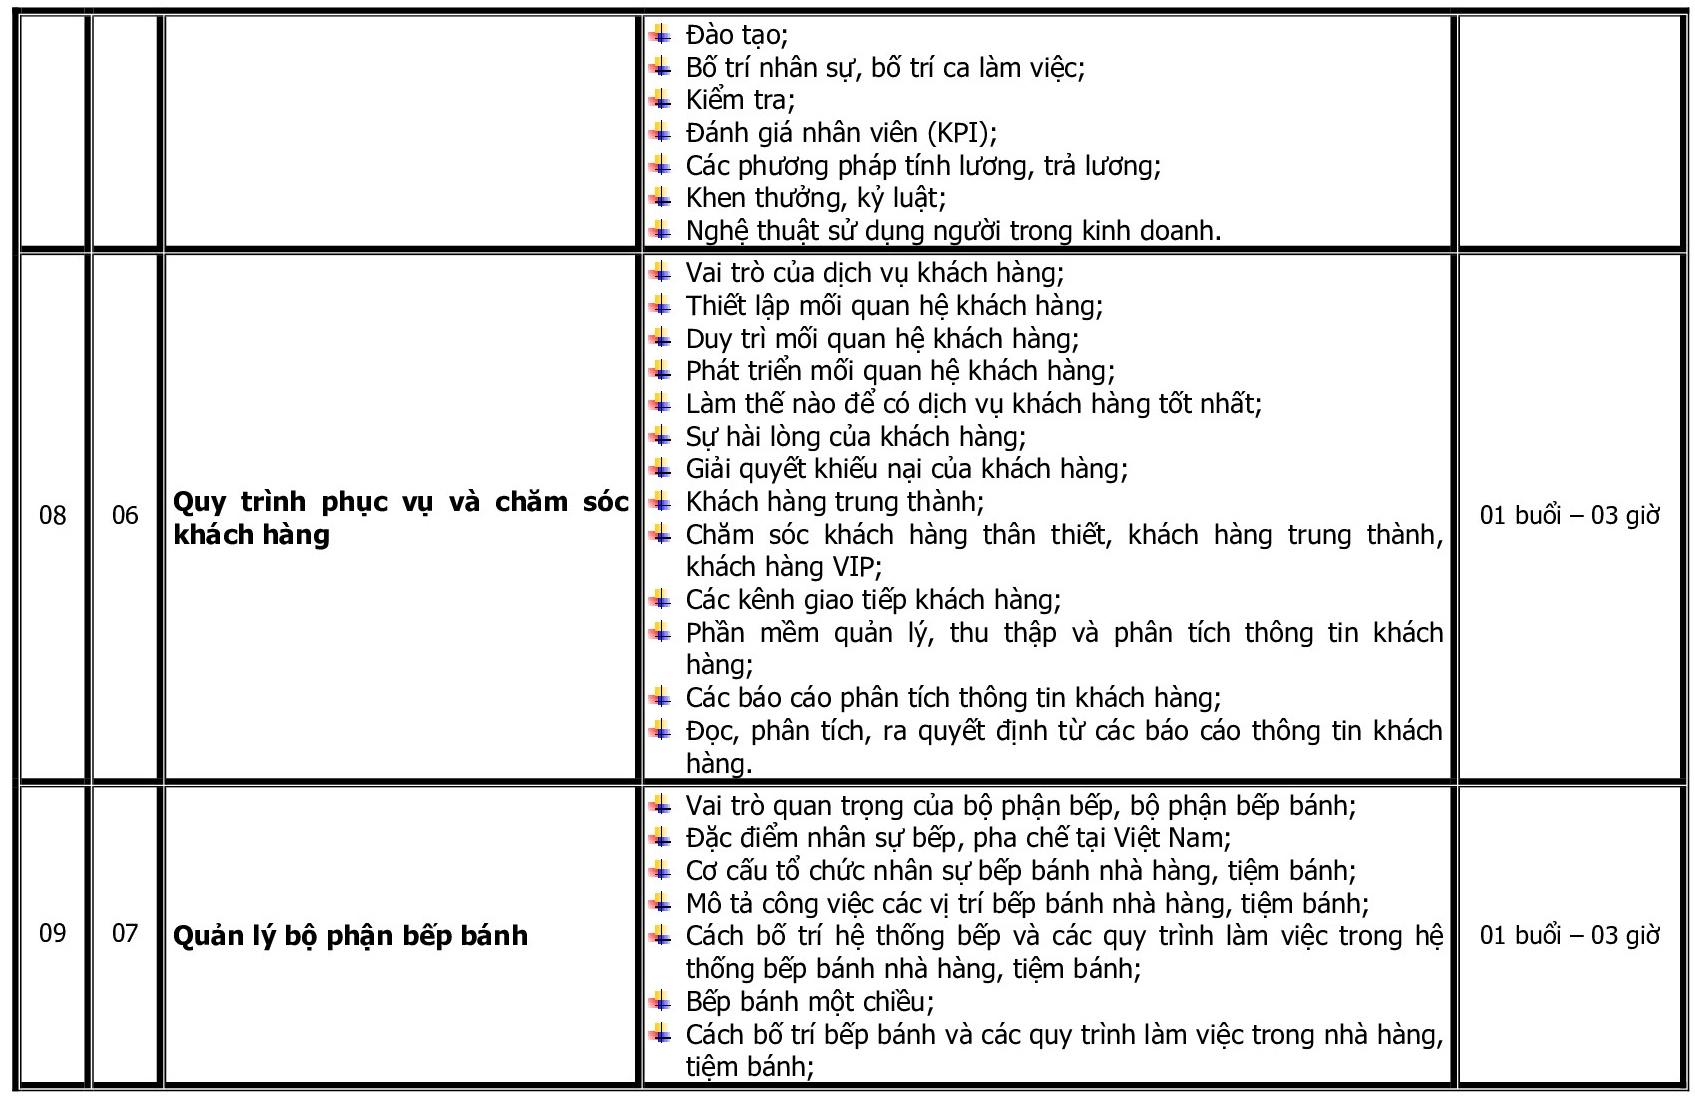 CT DAO TAO NGHIE VU BEP TRUONG BEP BANH_p004